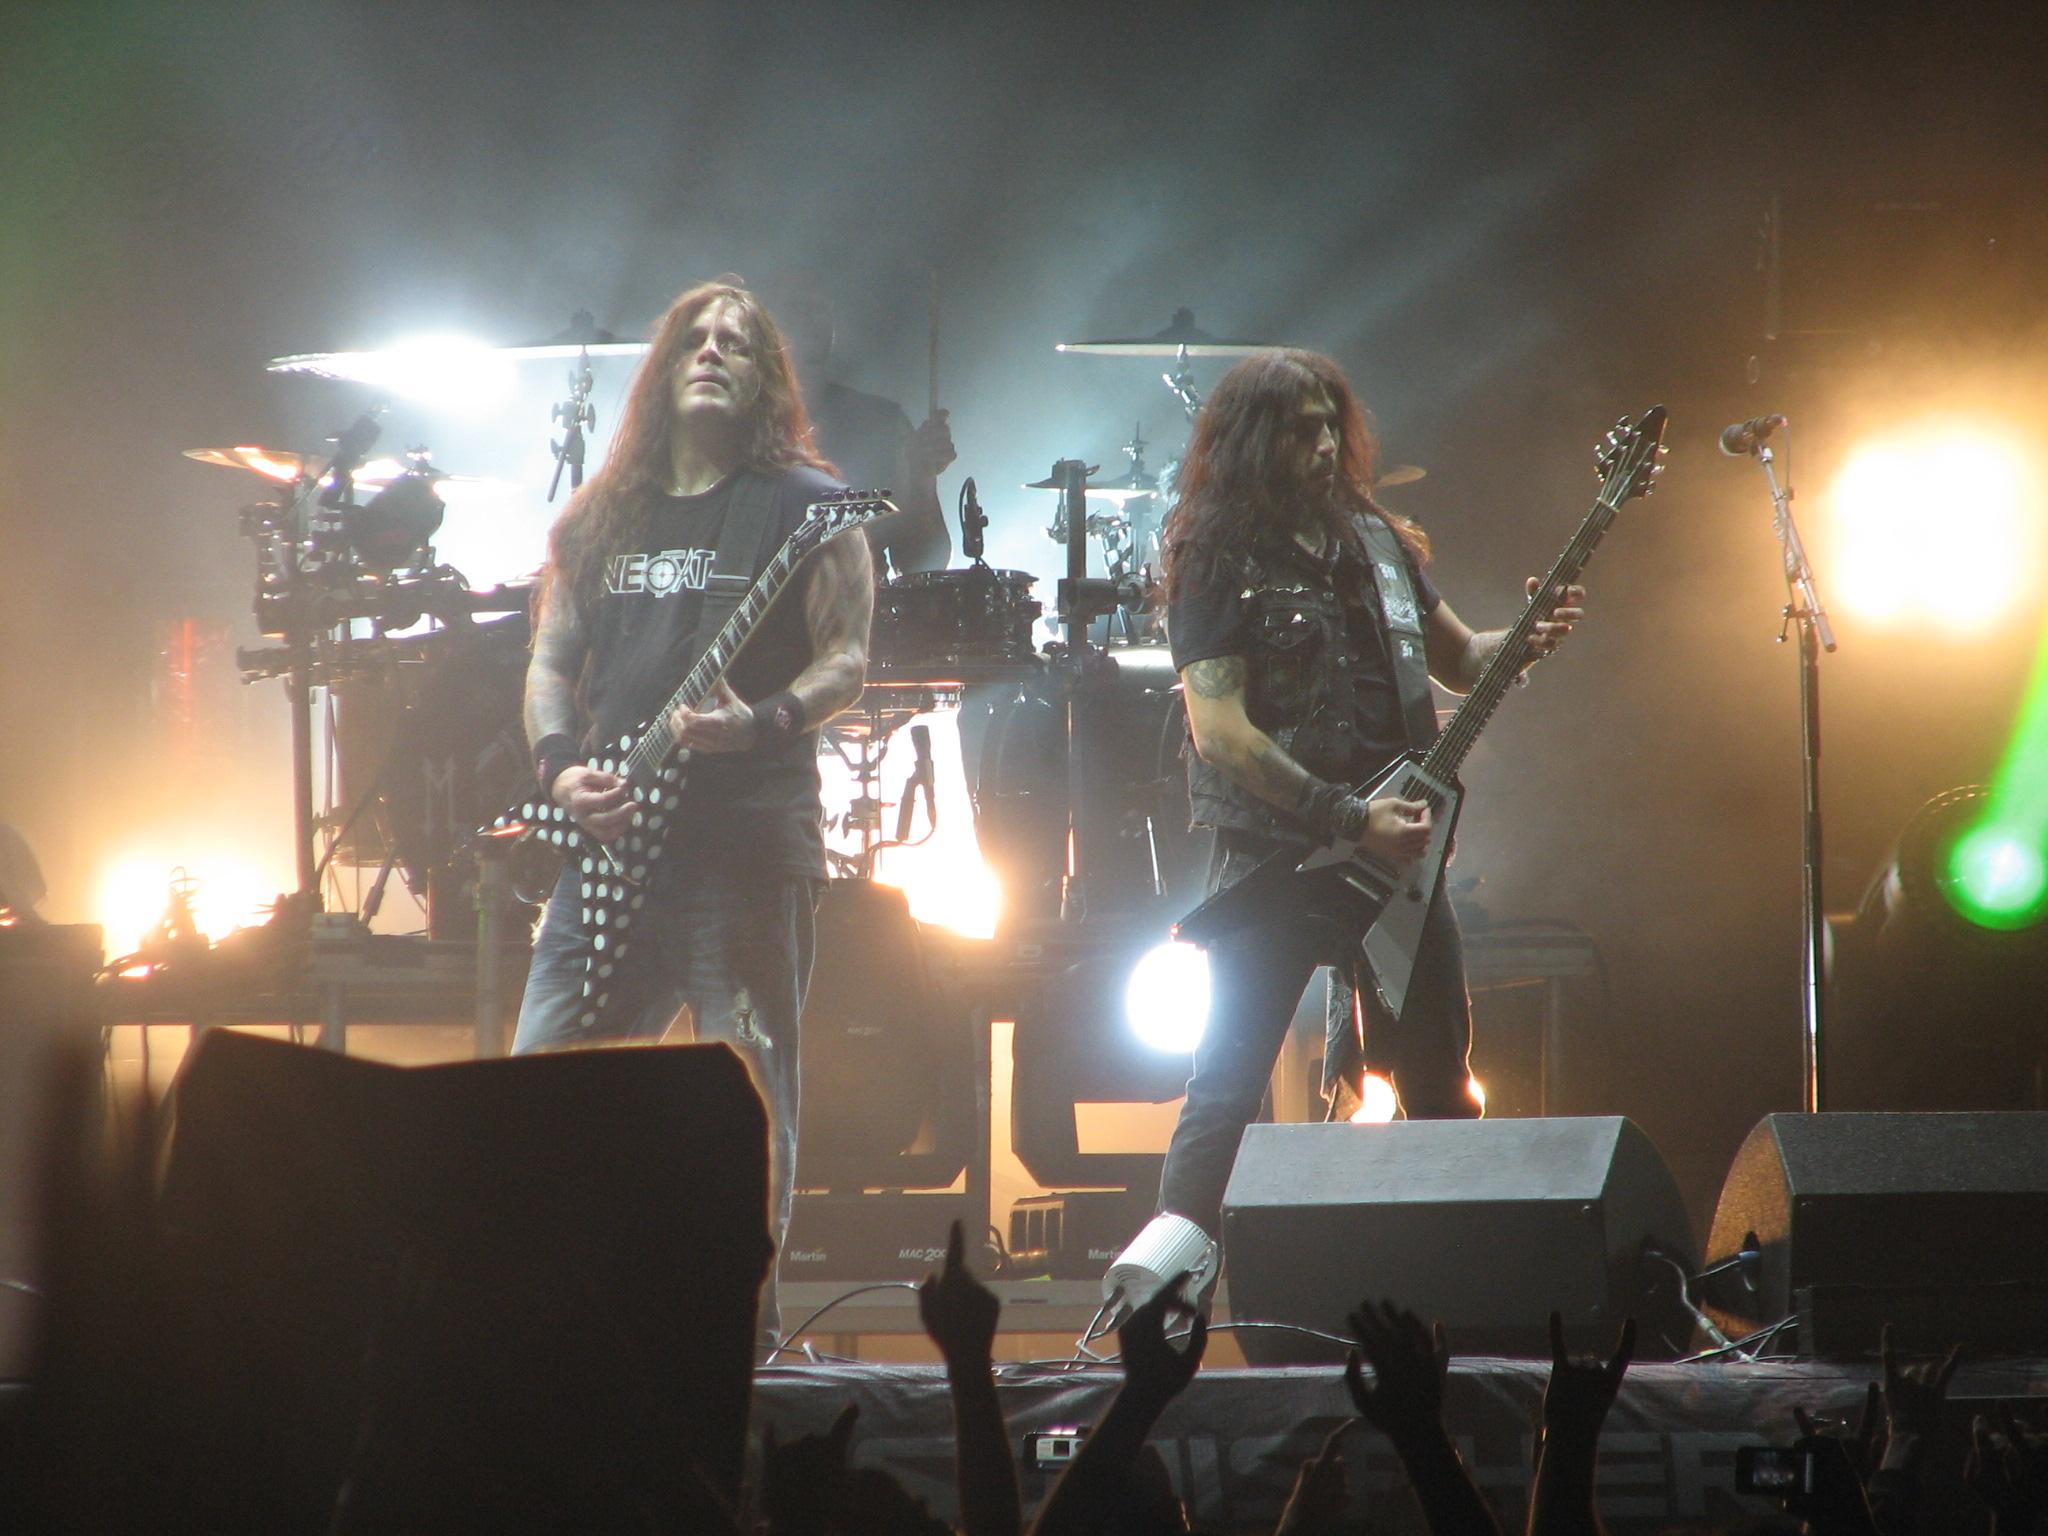 Sonisphere 2012 grandes conciertos grandes decepciones for Oficina consumidor getafe